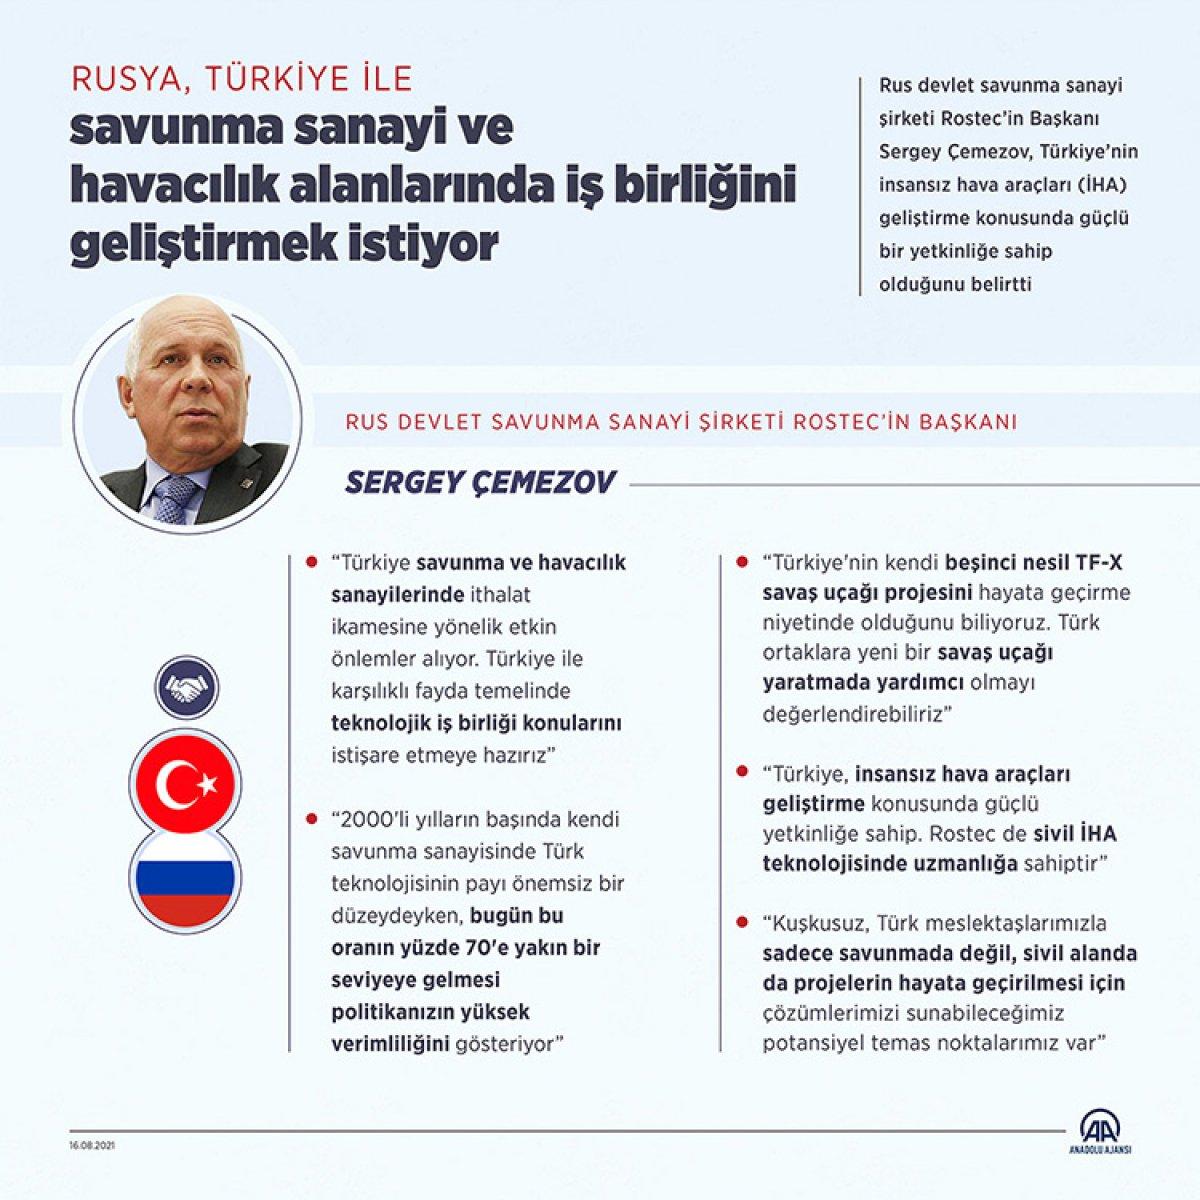 Rusya, Türkiye ile savunma sanayisi ve havacılıkta iş birliği arayışında #1